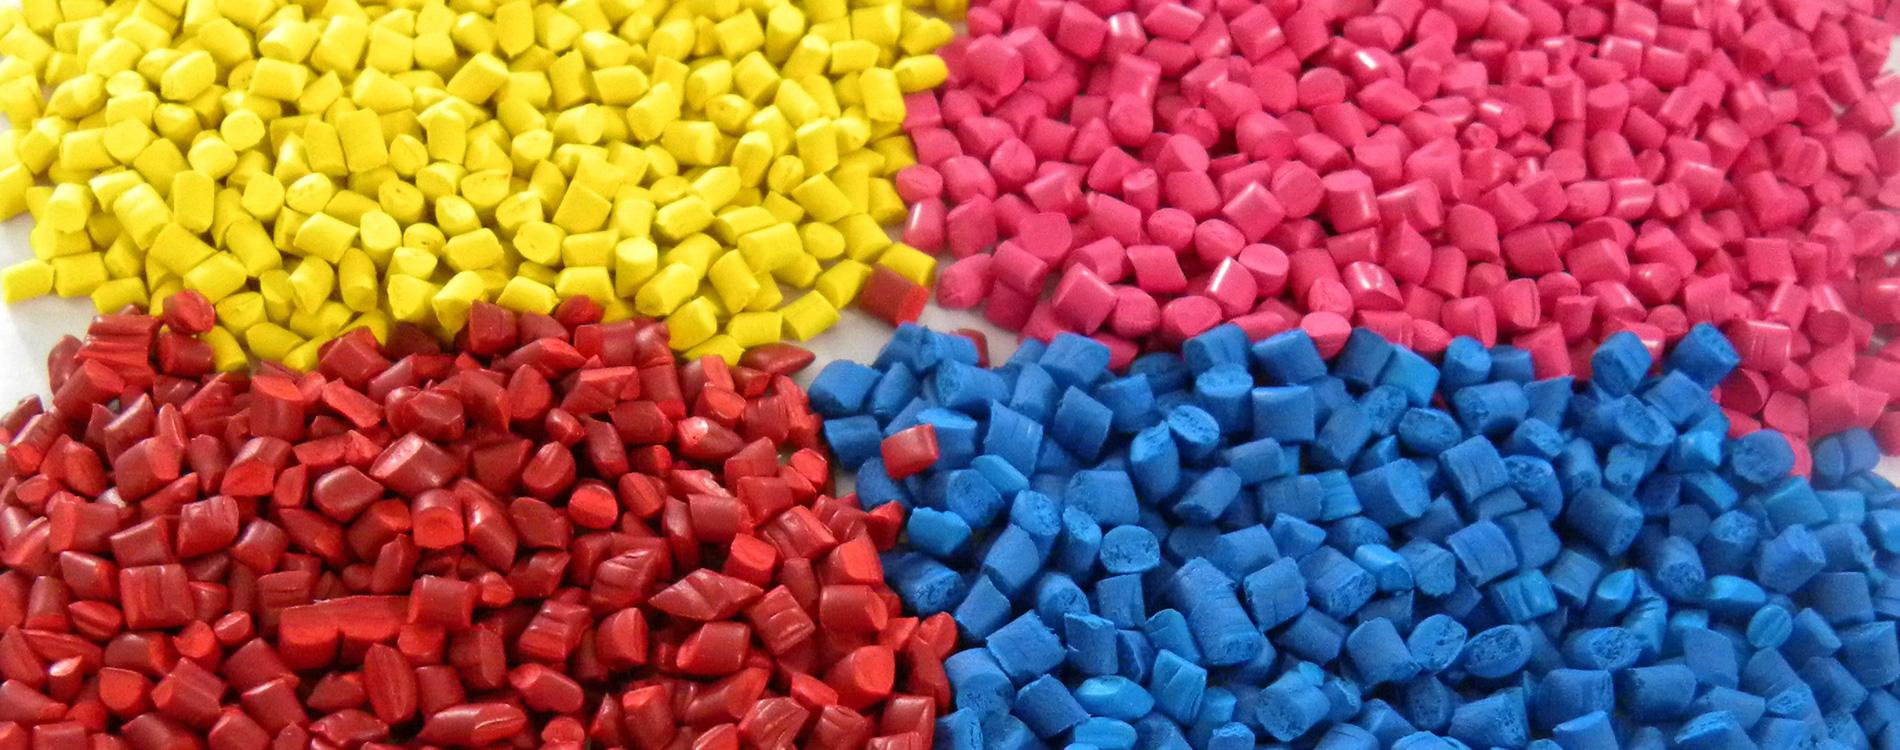 materie plastiche colorate